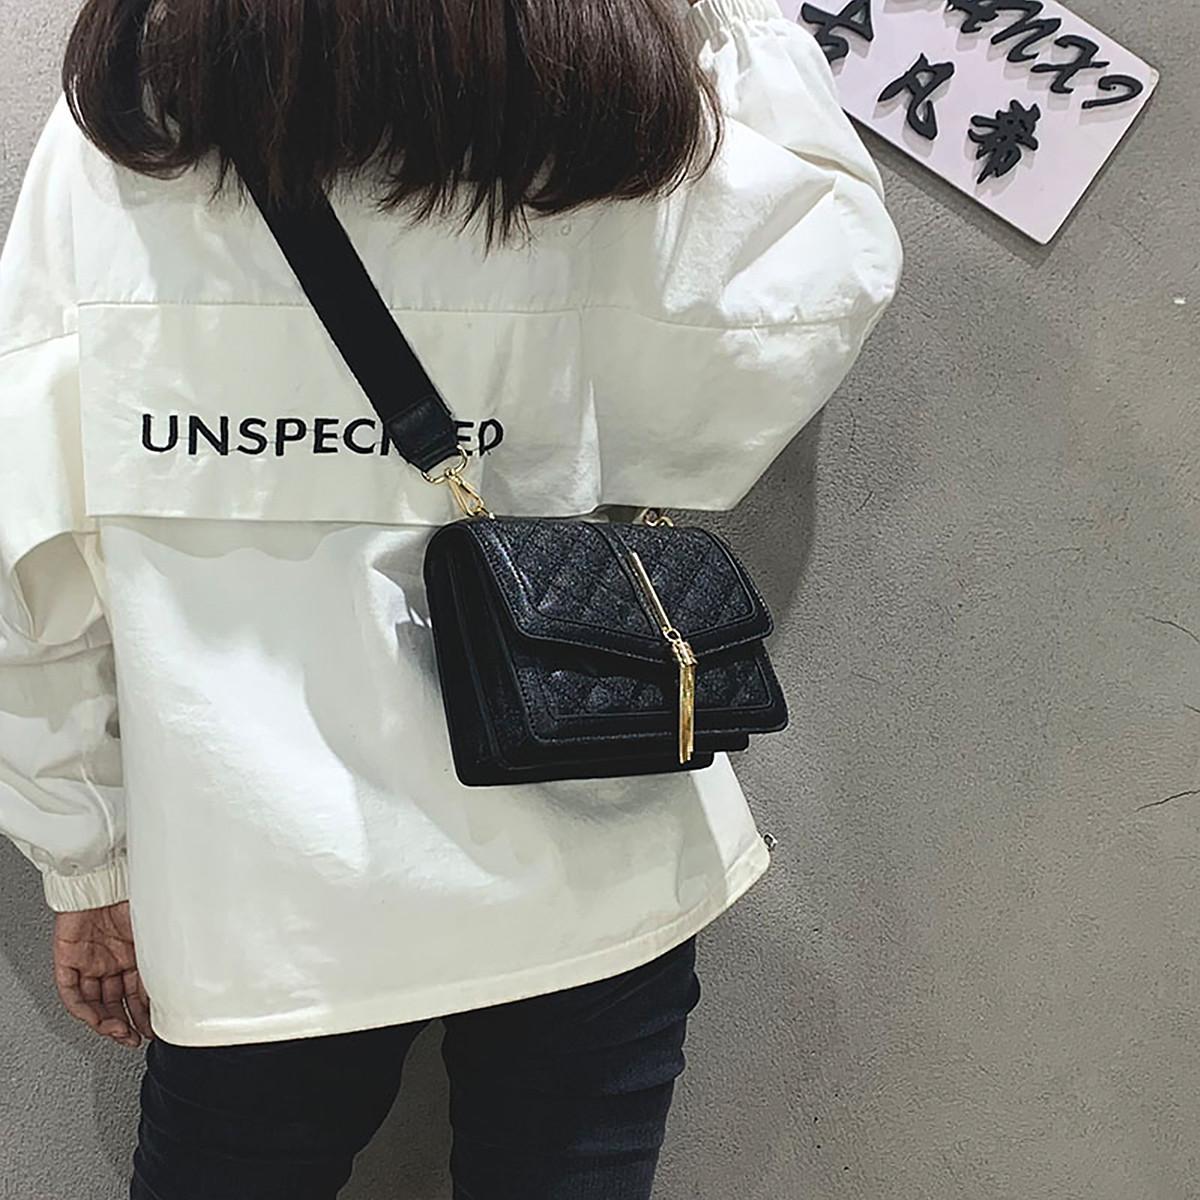 蒙娜丽莎 2019新款包包简约菱格包流苏吊坠单肩包女式斜挎包女包